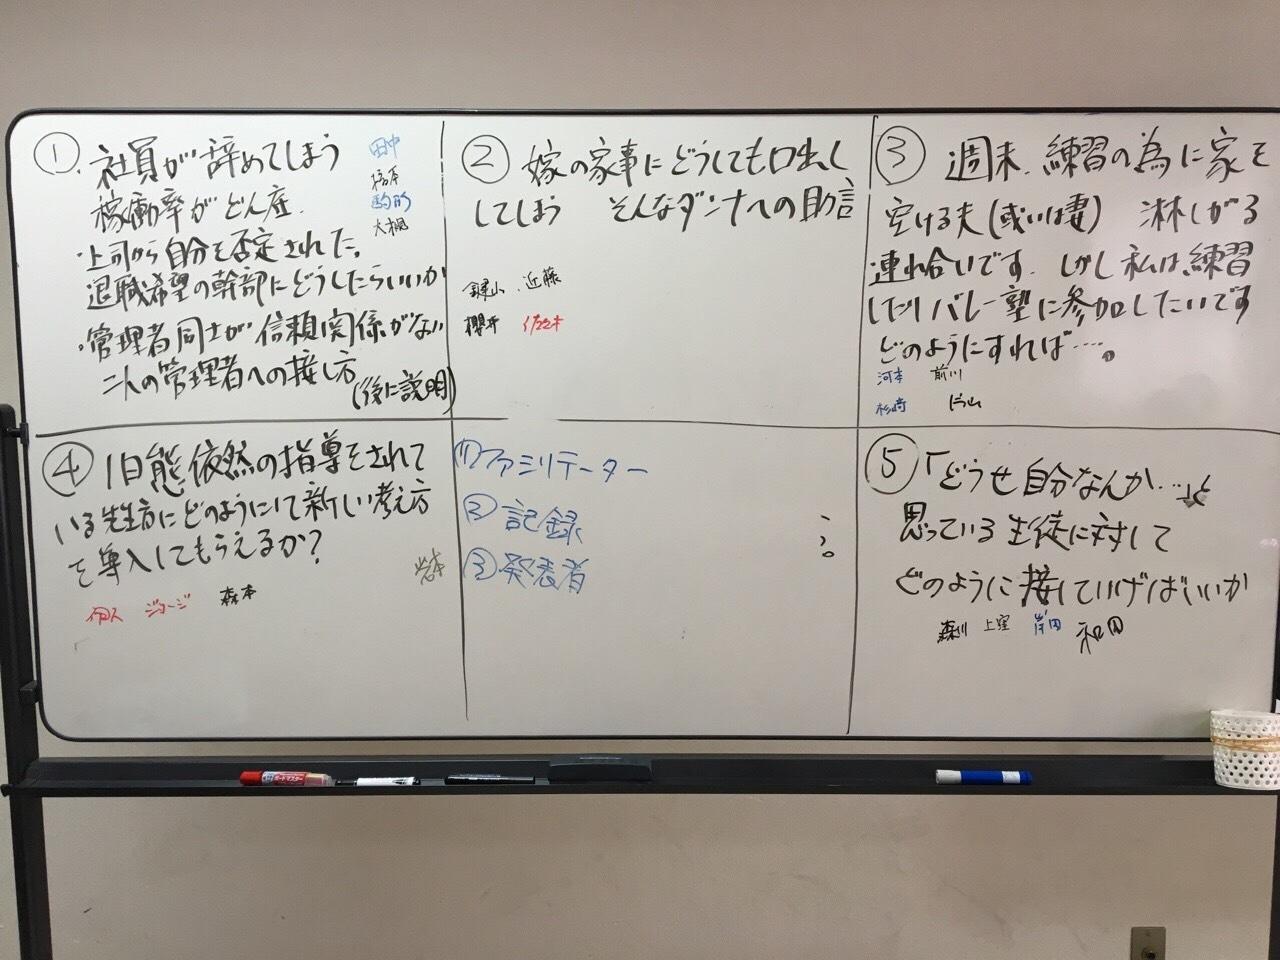 橋本_c0000970_11225407.jpg